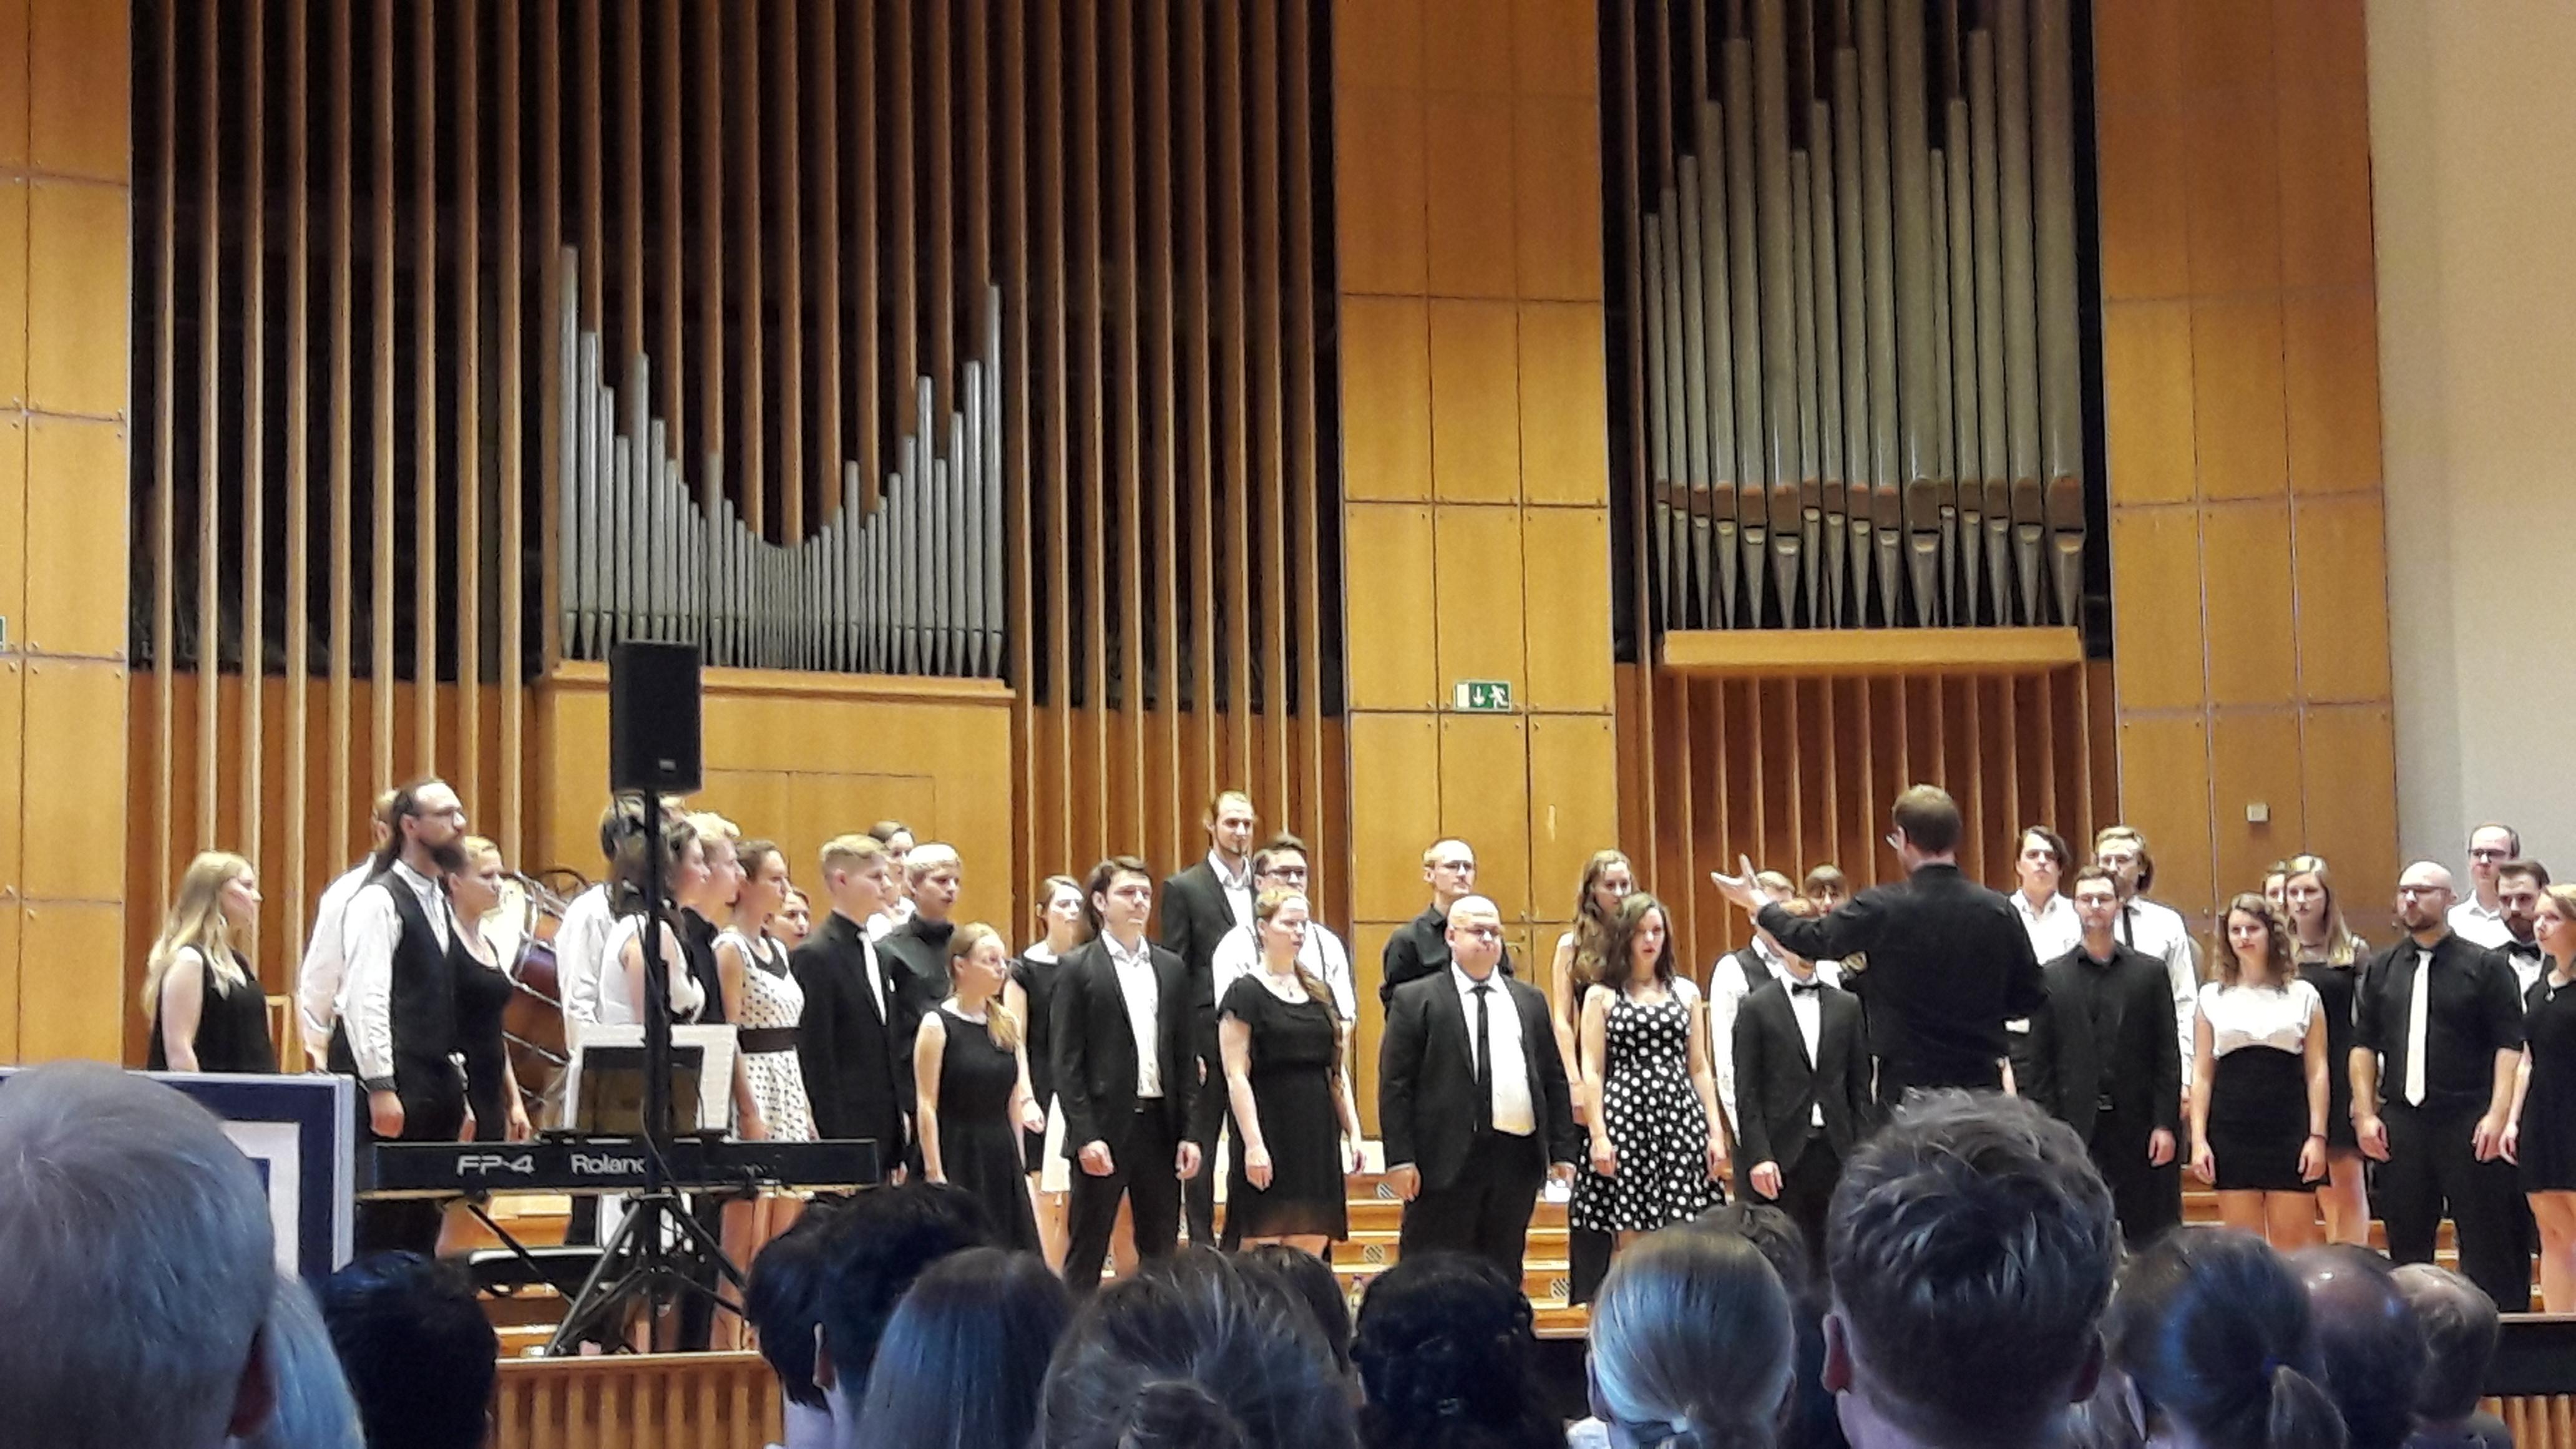 Begeistertes Mitnicken und Fußwippen: Der Jazzchor der Uni Bonn überzeugte mit swingenden Moves und einem vielfältigen Programm